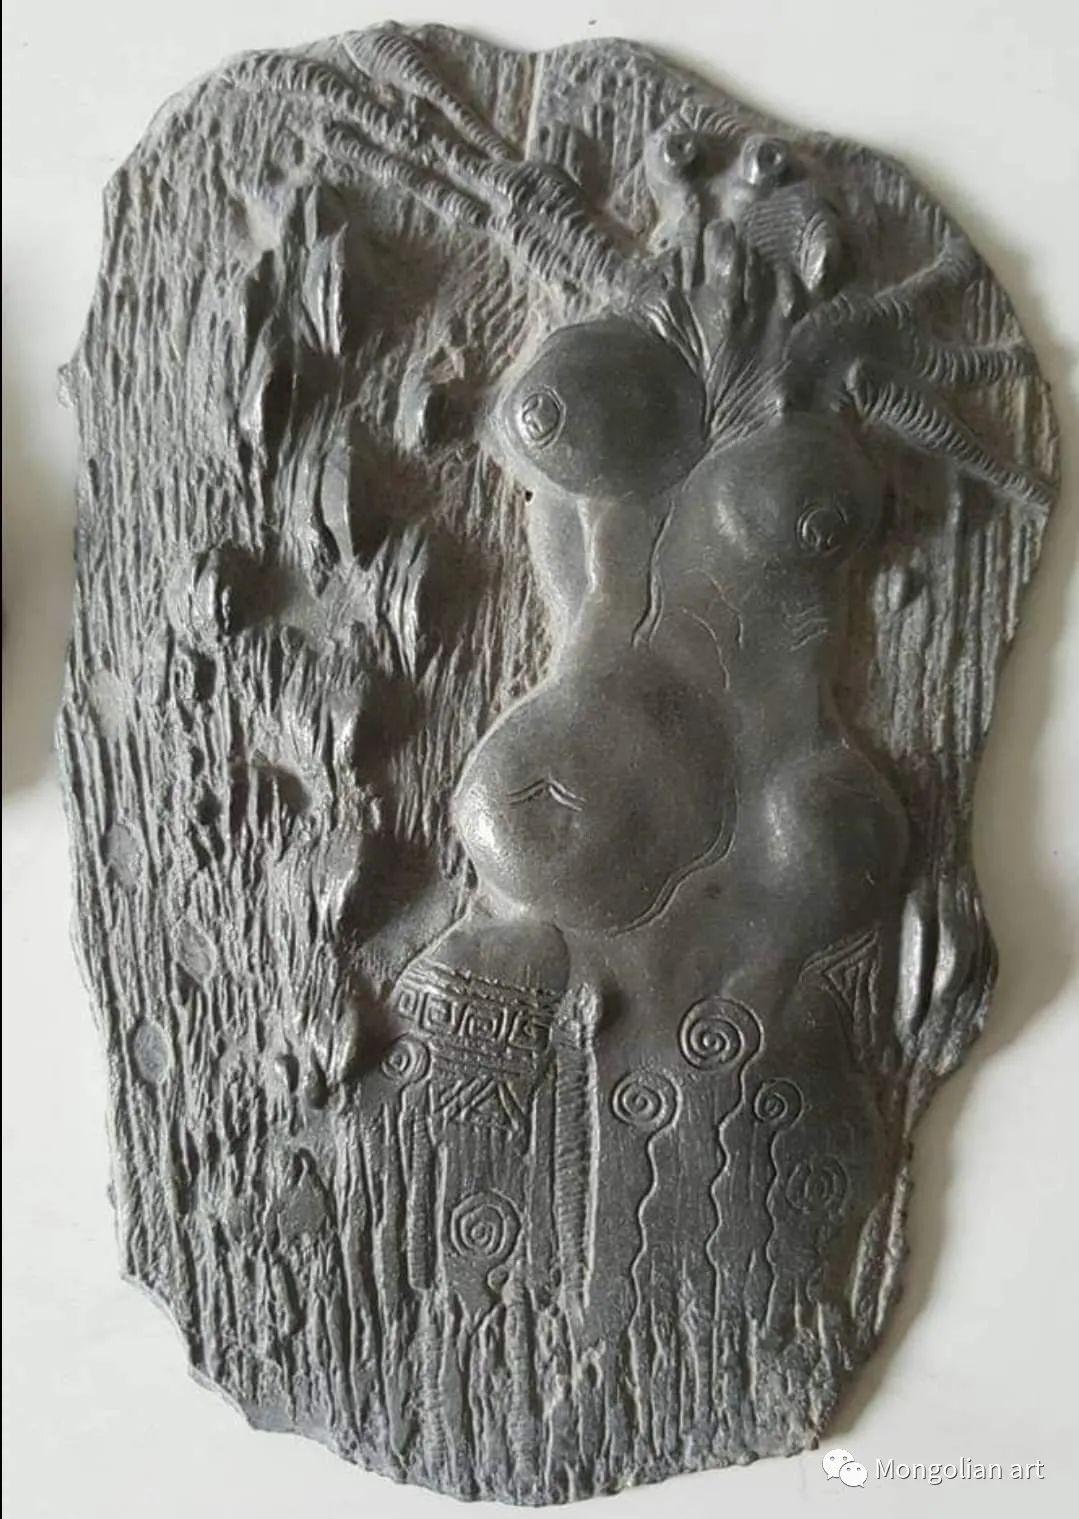 蒙古艺术博物馆获奖雕塑家Tuvdendorj Darzav 第15张 蒙古艺术博物馆获奖雕塑家Tuvdendorj Darzav 蒙古画廊